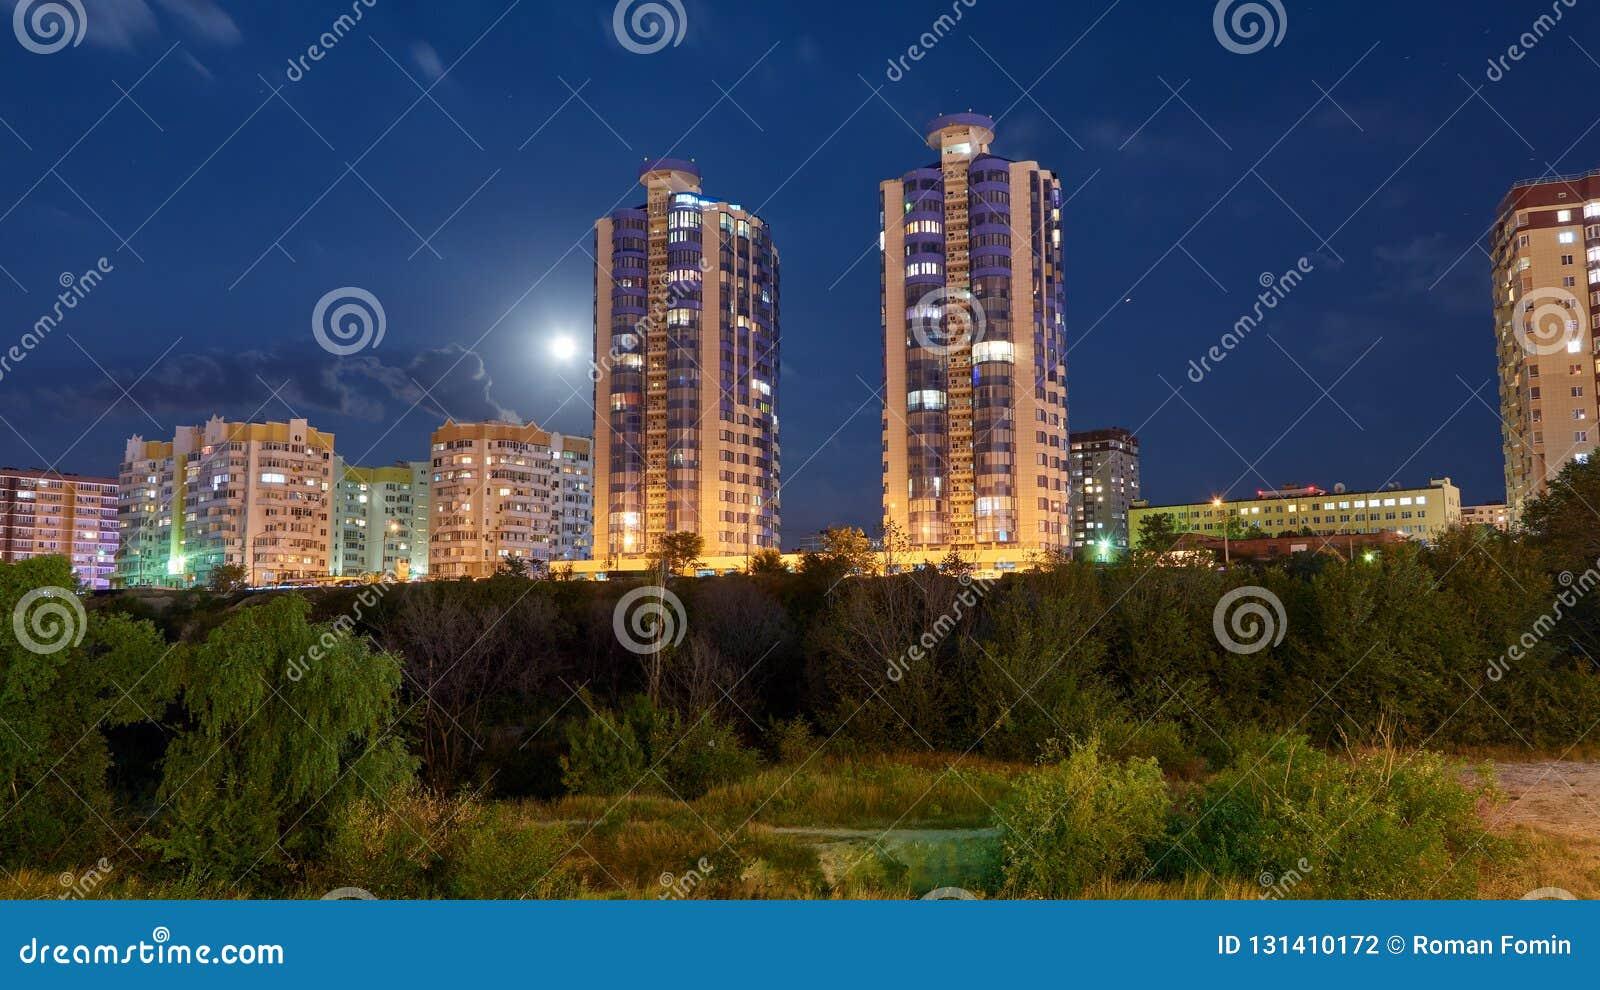 Night city Novorossiysk Krasnodarskiy region